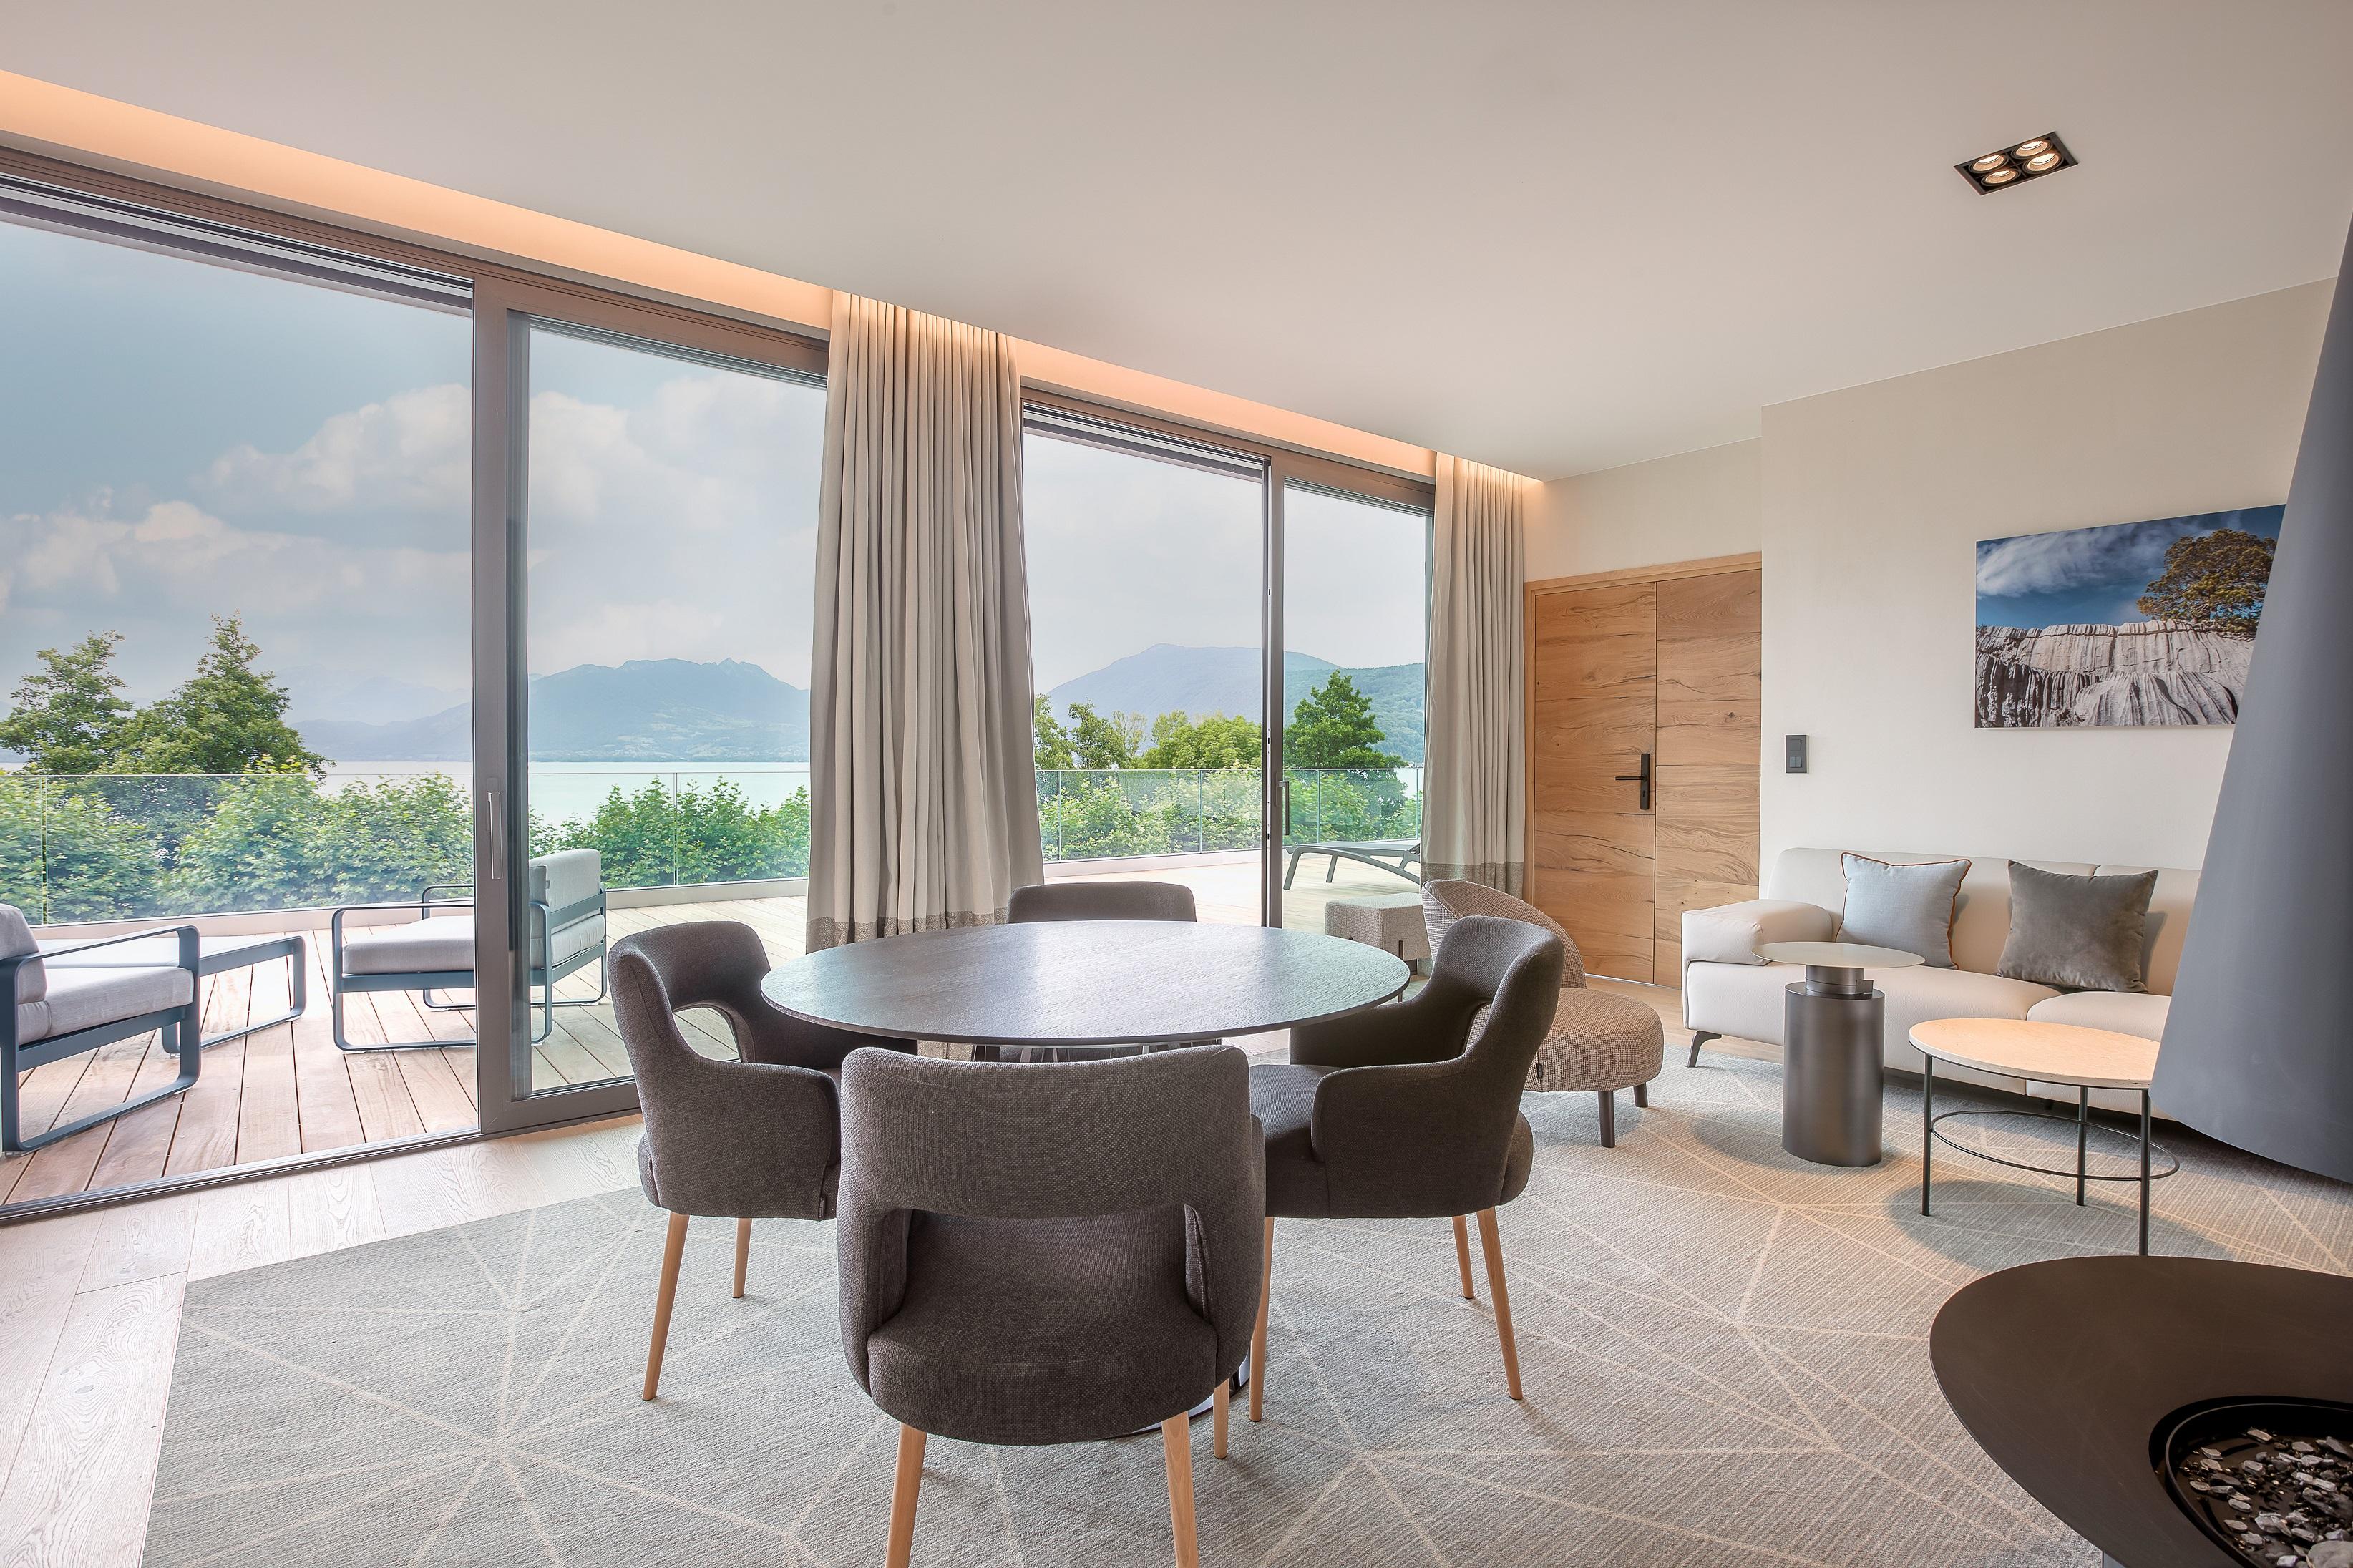 Penthouse del'Hôtel Rivage avec vue sur le lac d'Annecy